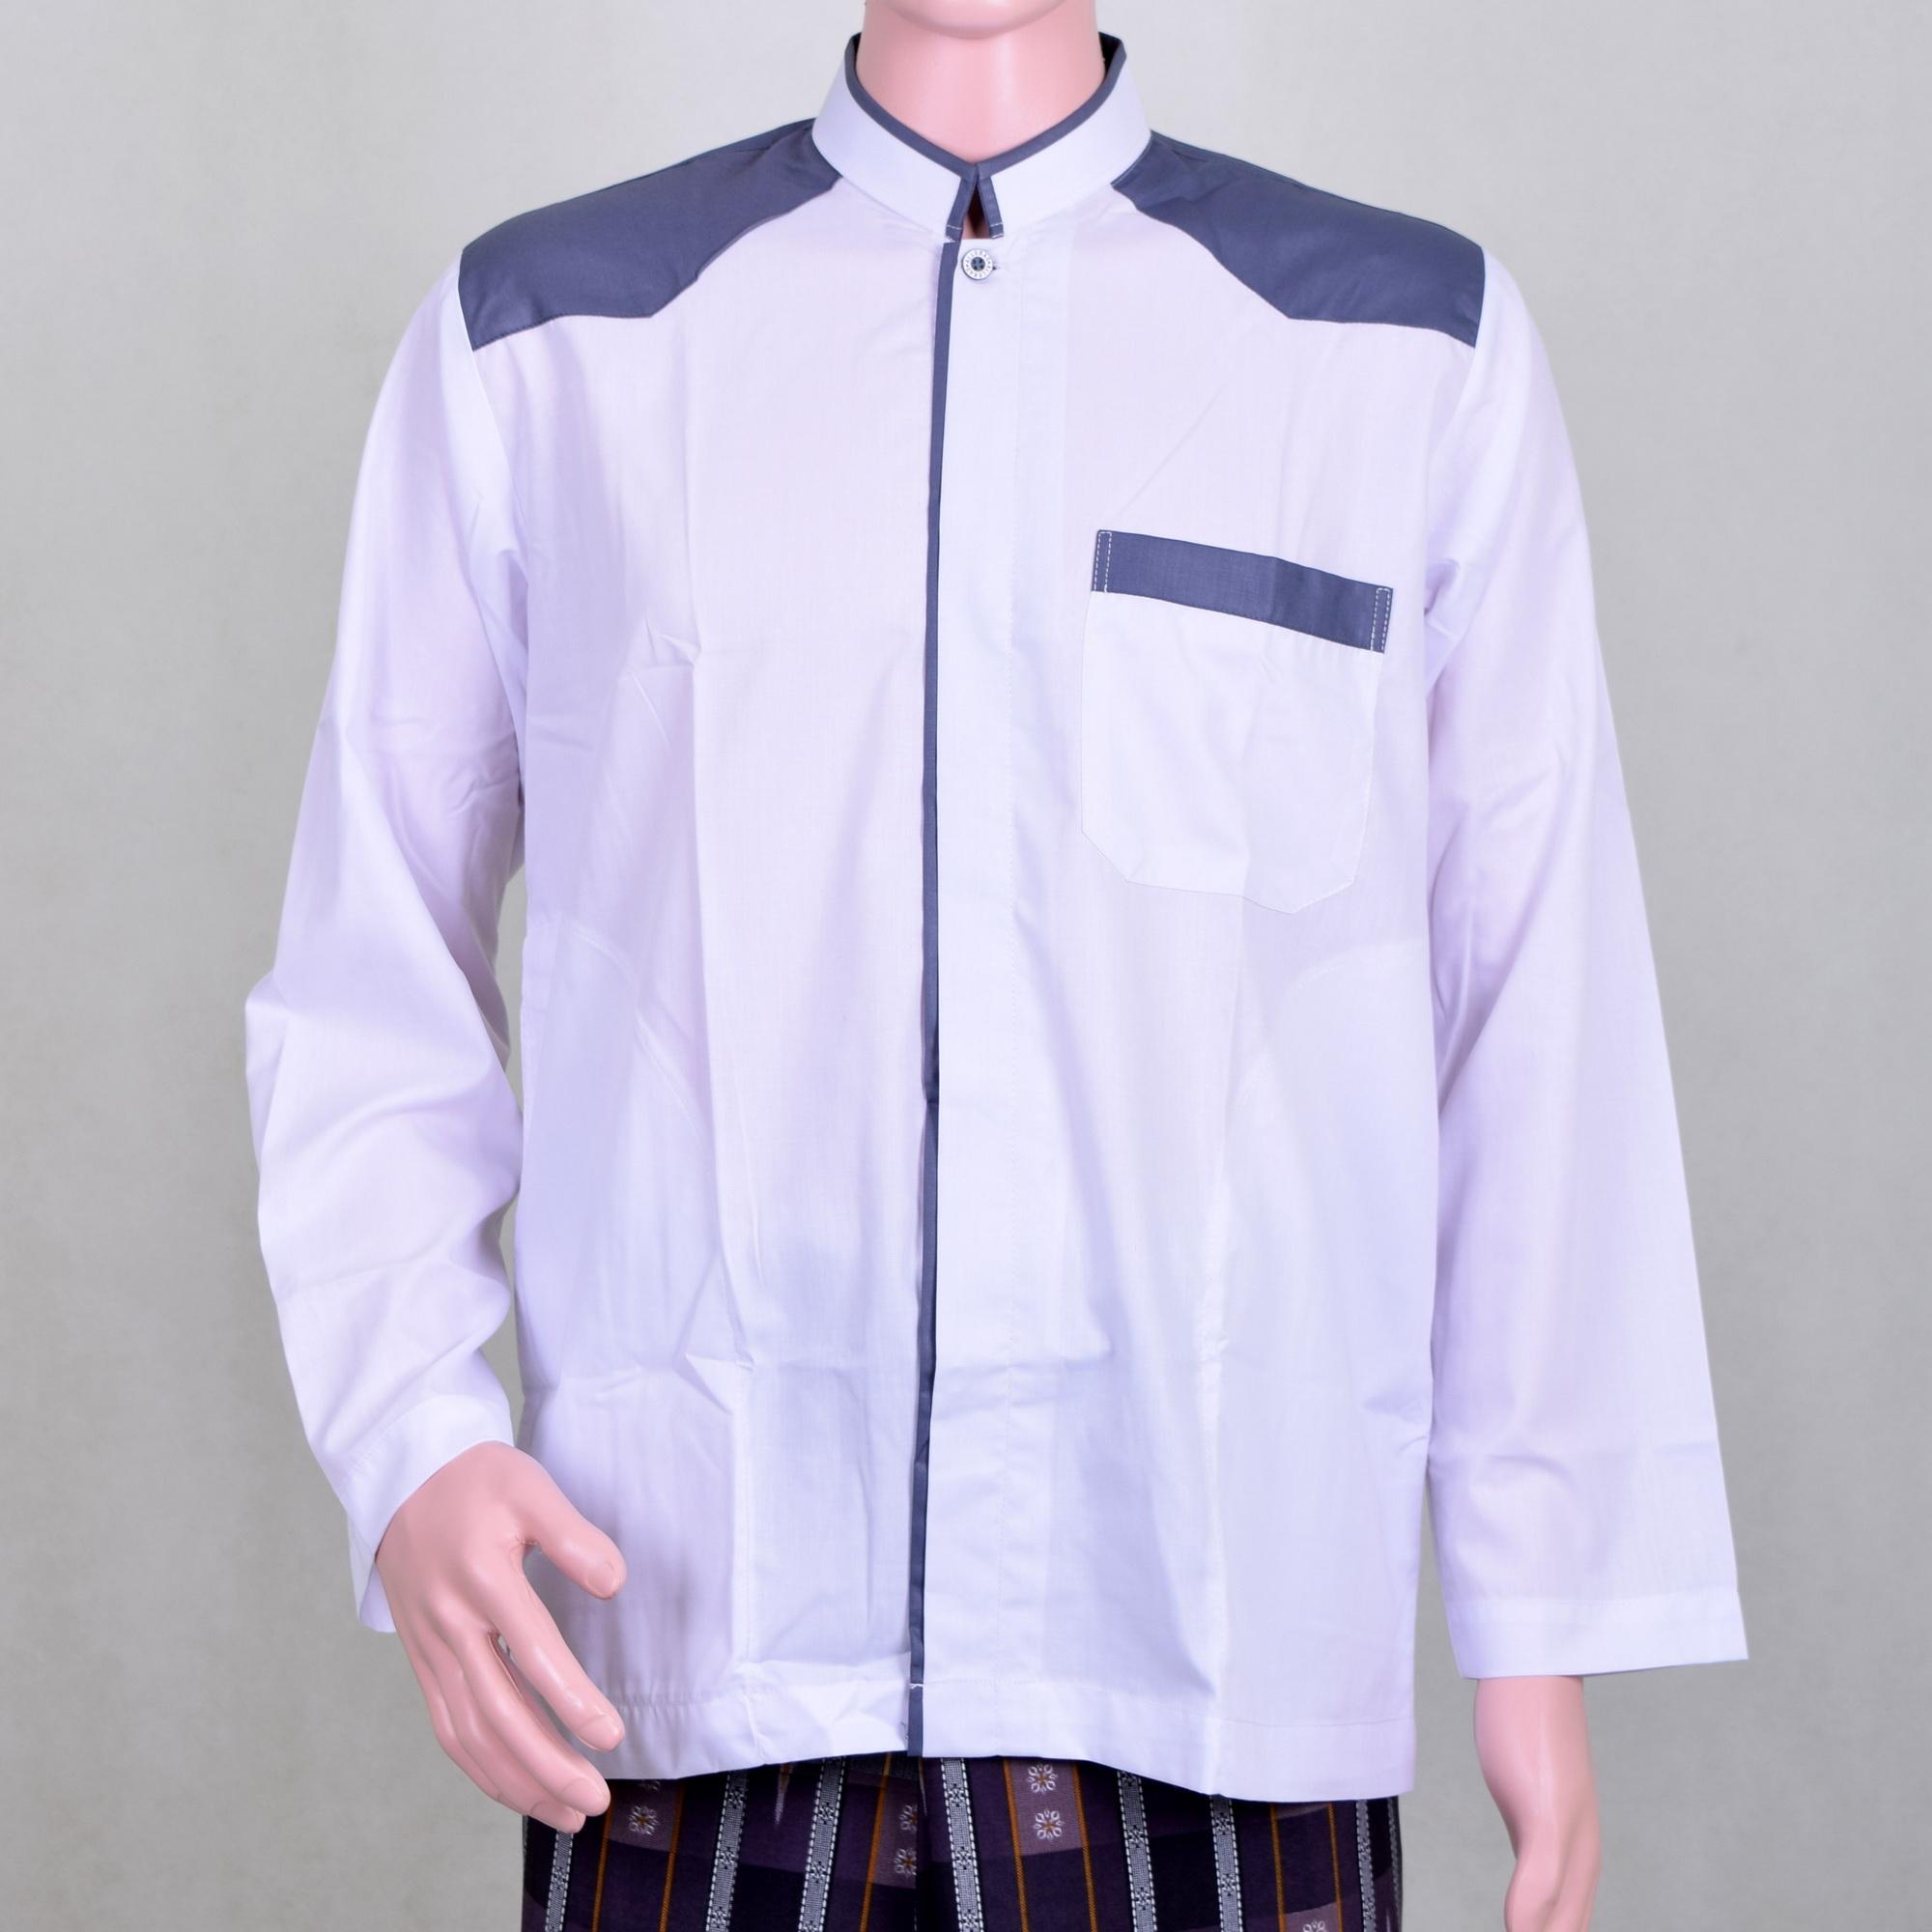 Baju Koko Pria Putih Kombinasi Abu Abu, Keren Simple dan Berwibawa